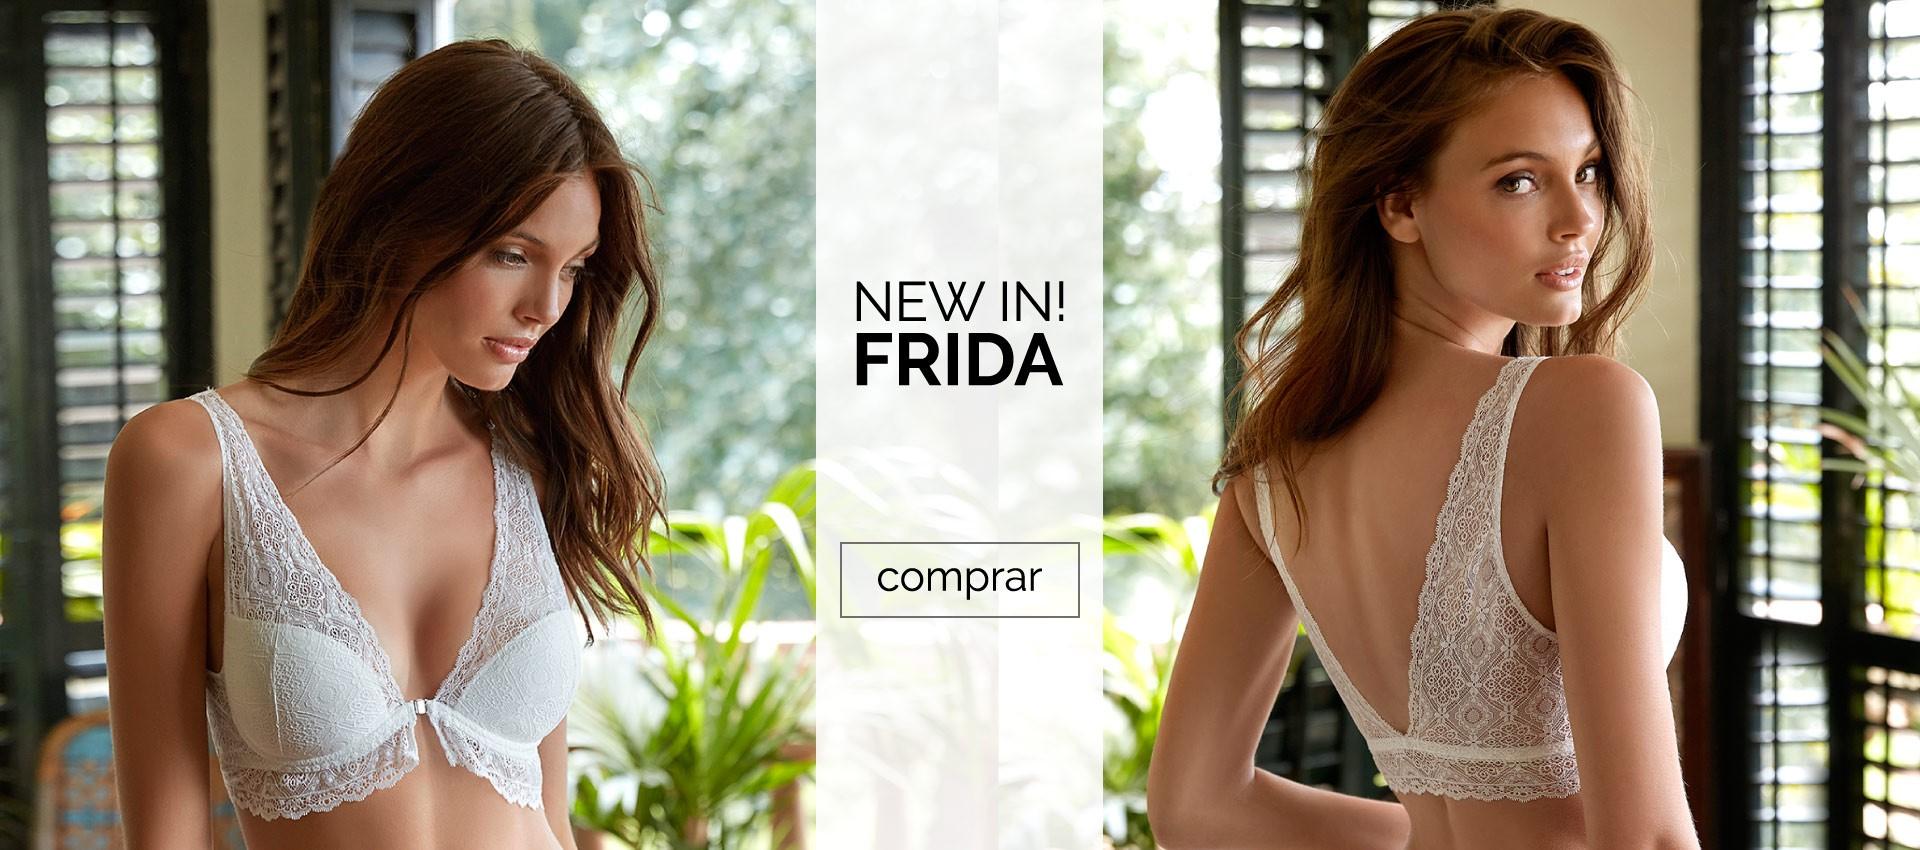 Selmark Lingerie - Frida